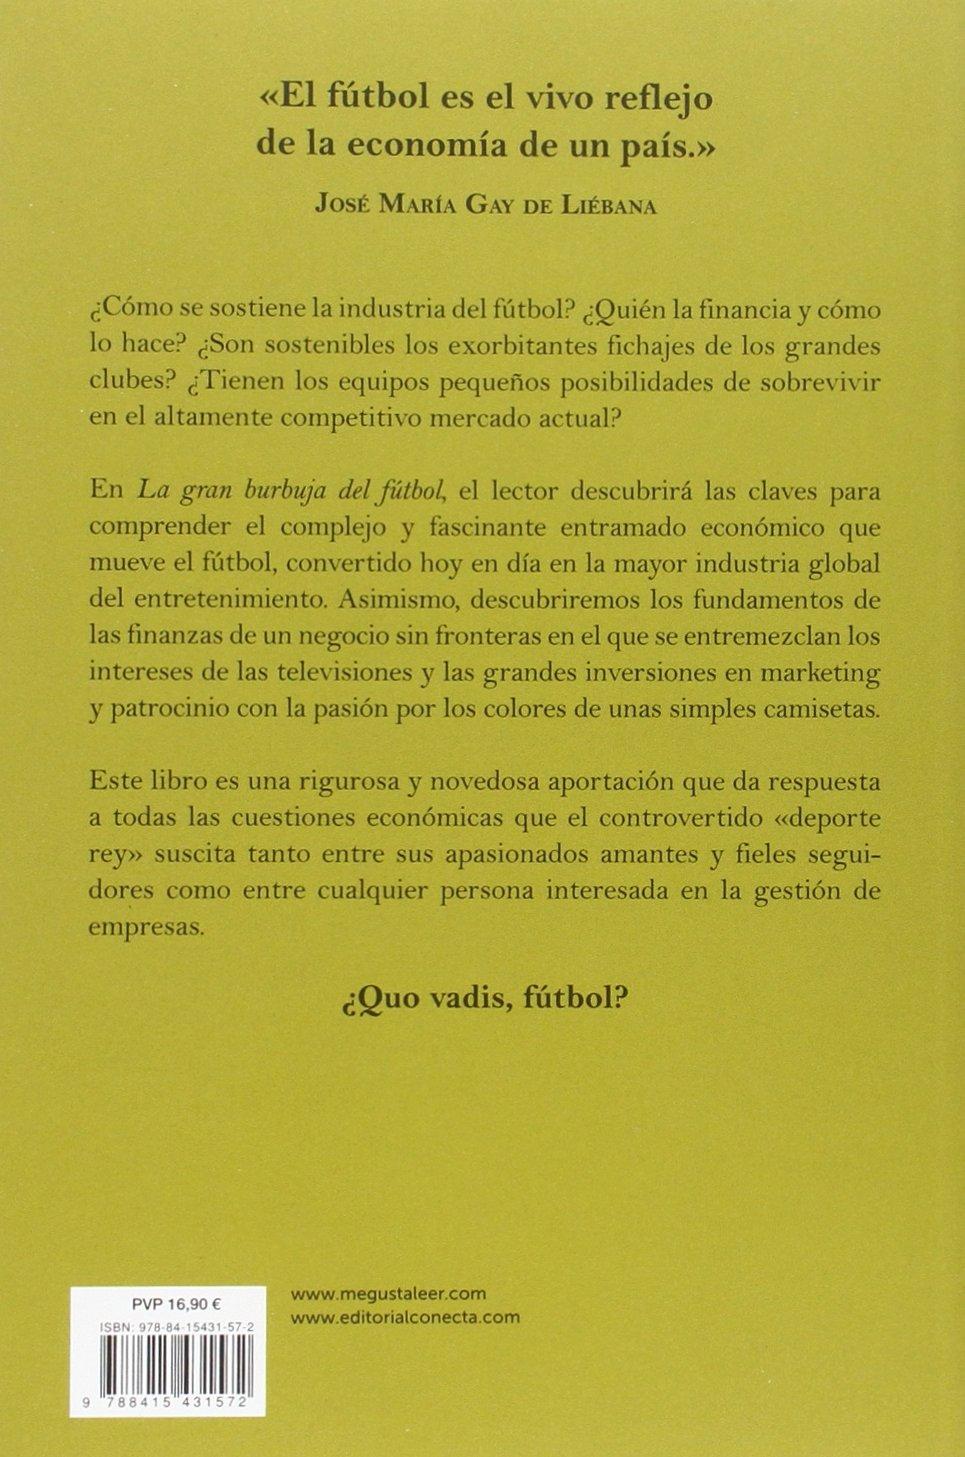 La gran burbuja del fútbol: Los modelos de negocio que oculta el deporte más importante del mundo CONECTA: Amazon.es: José María Gay de Liébana: Libros